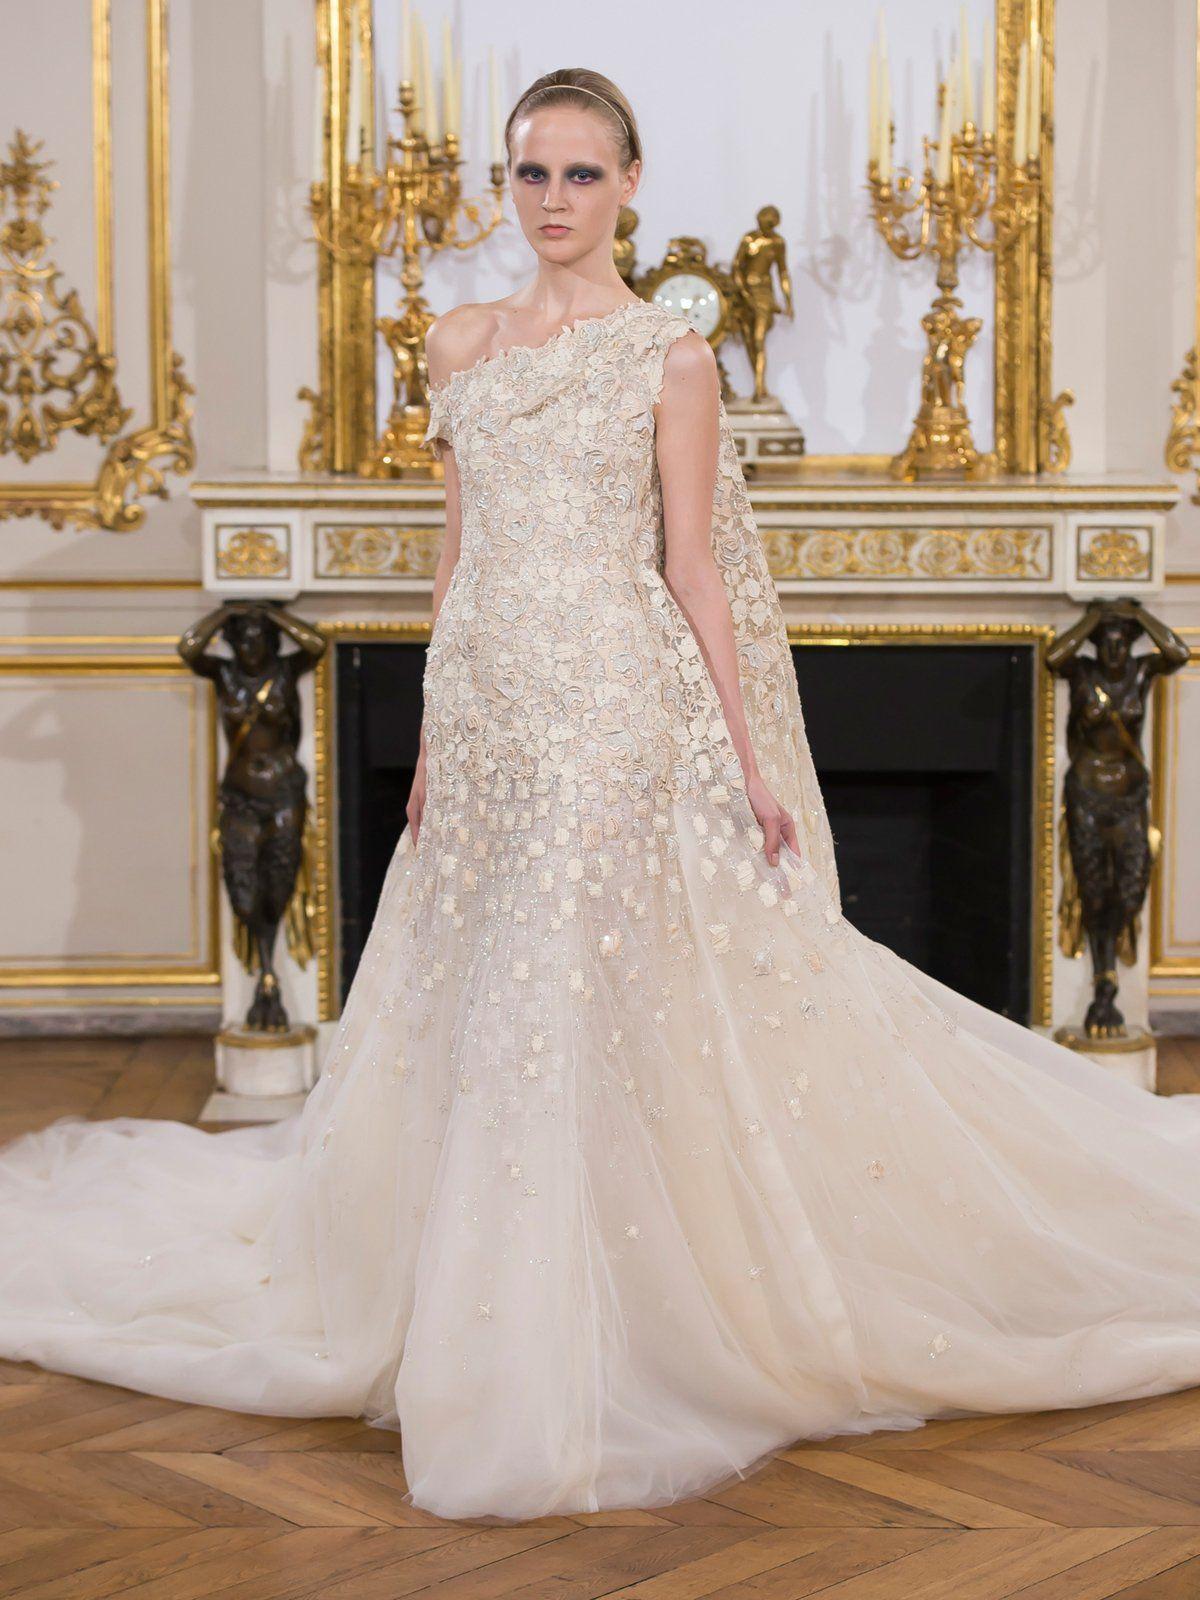 Die schönsten Couture Bräute   Das kleid, Brautkleid und Linie